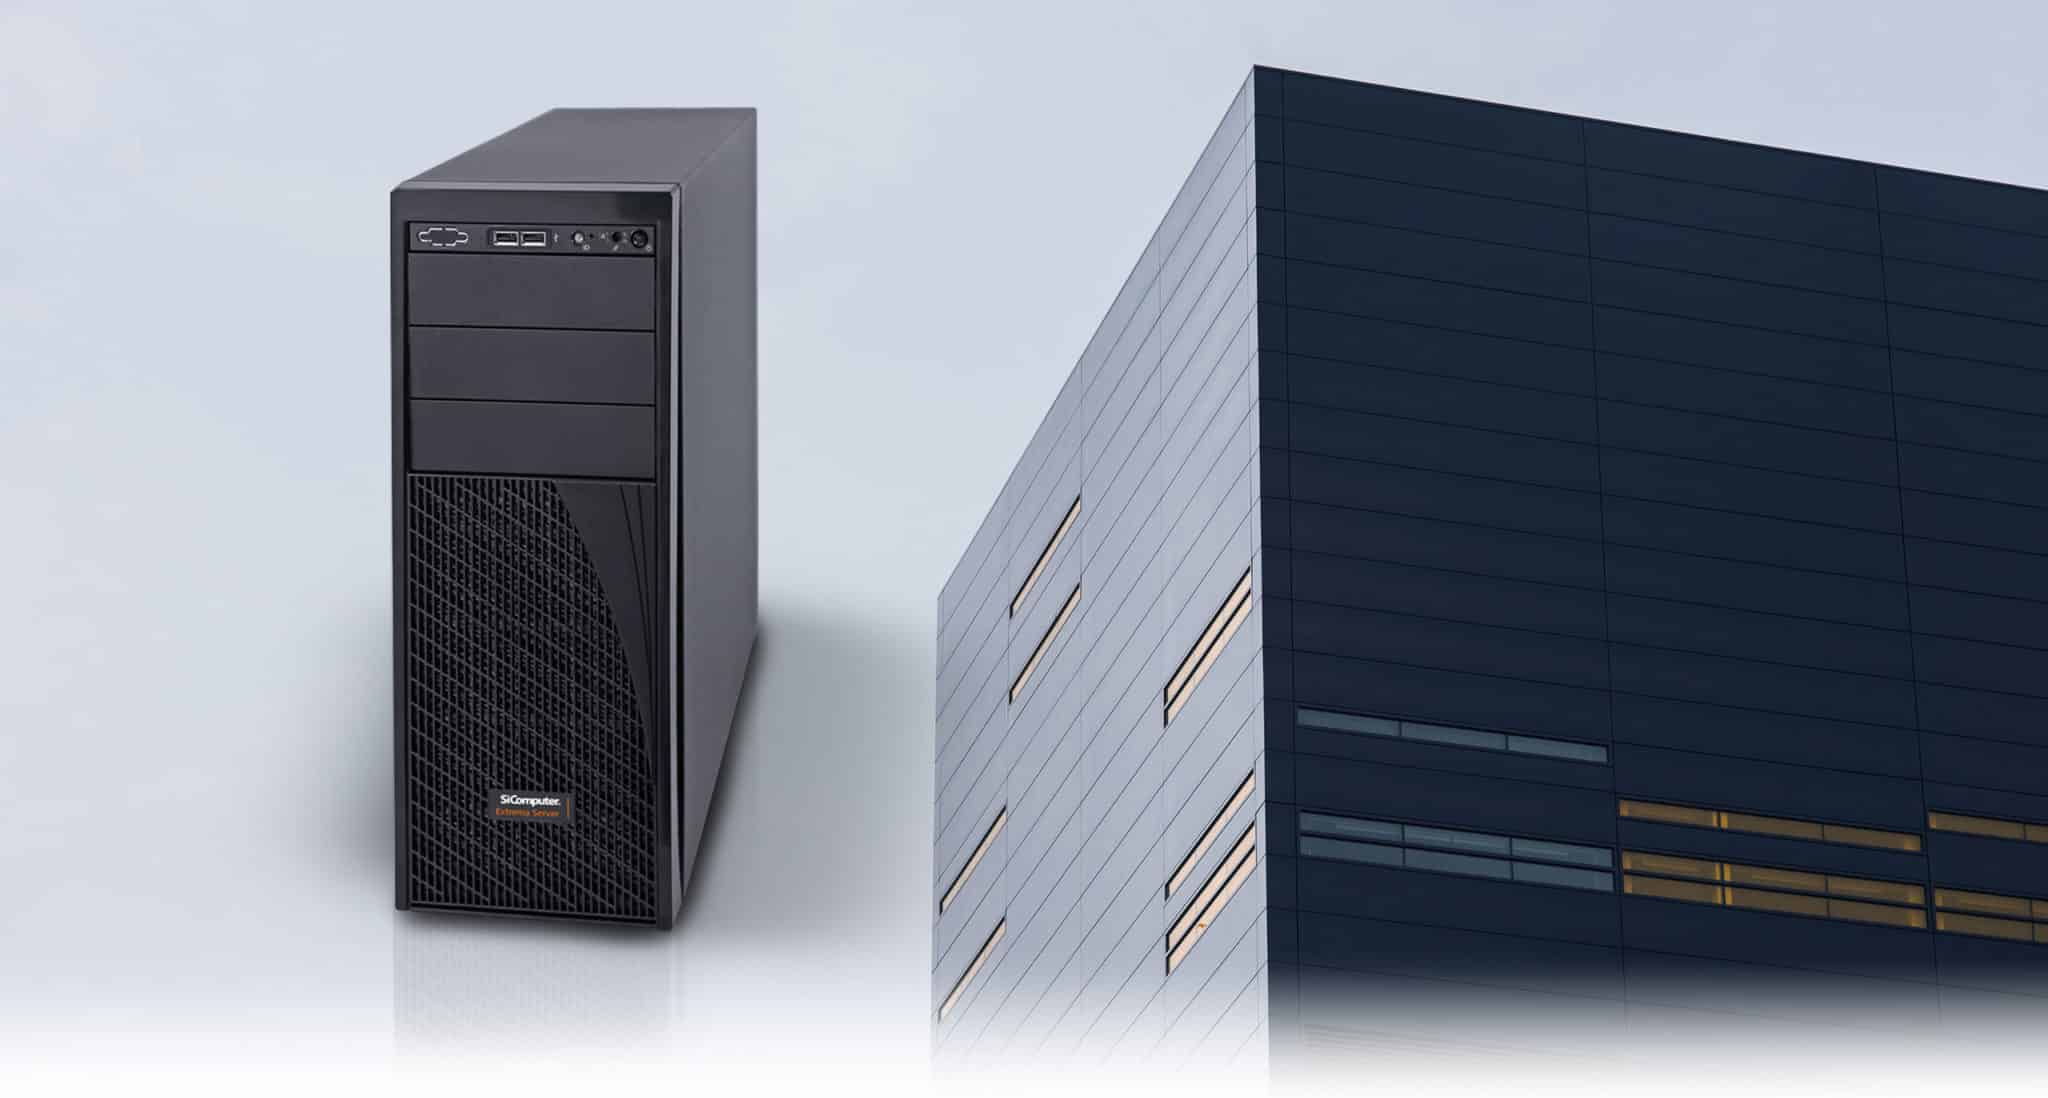 Extrema Server S500